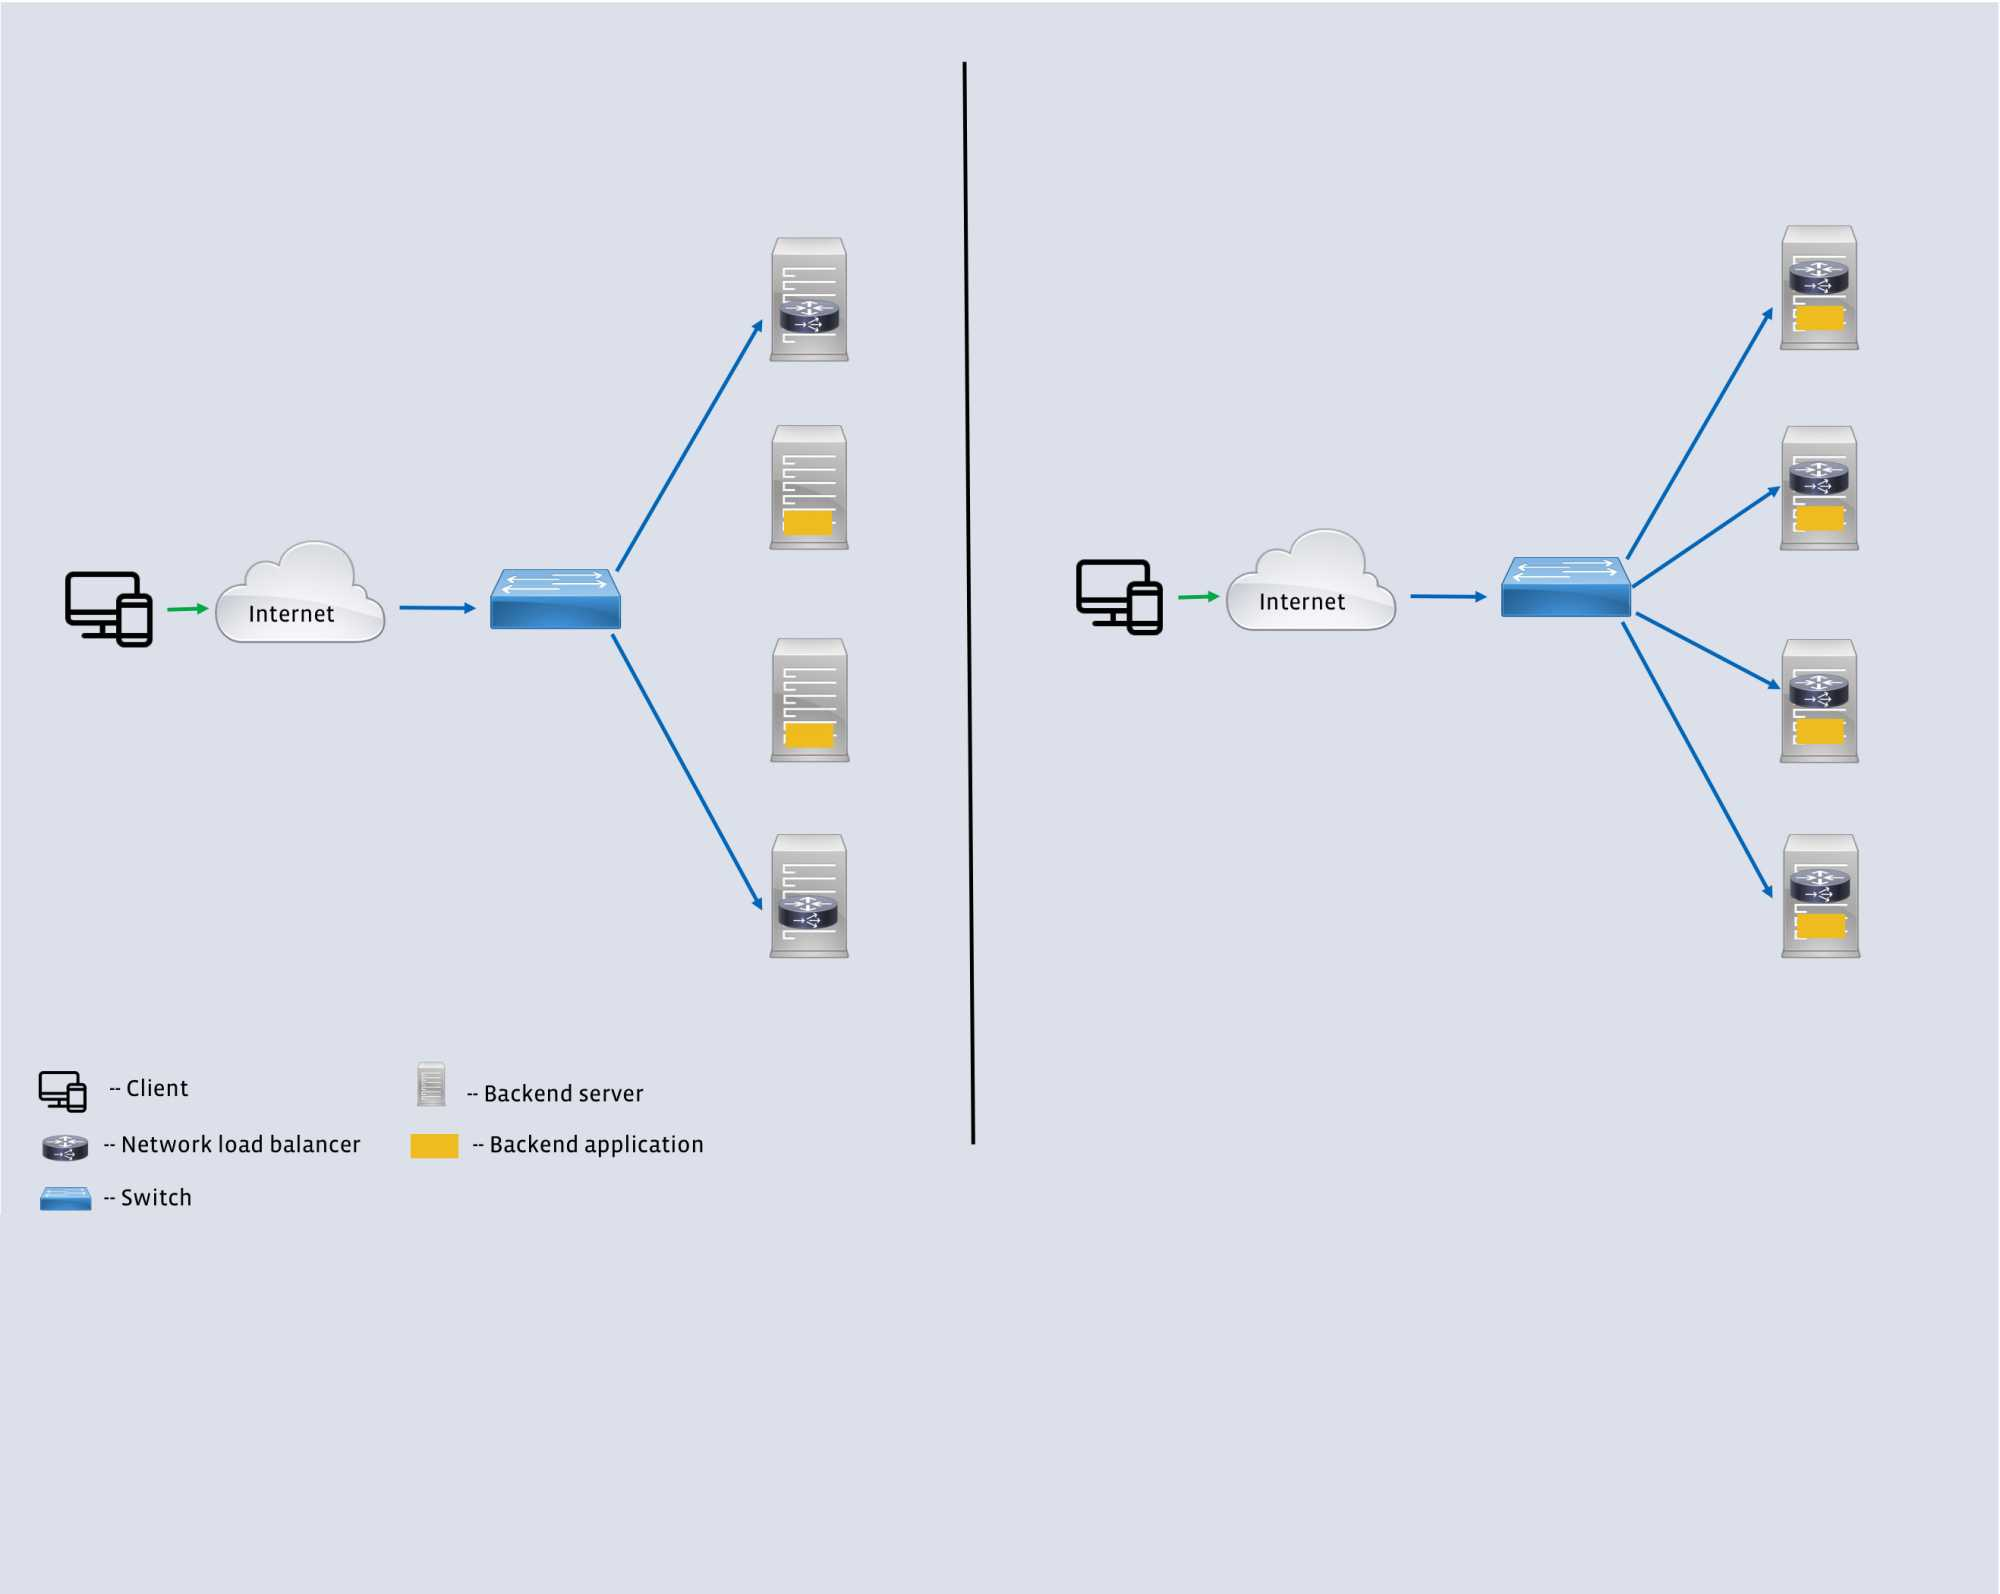 Der Unterschied zwischen den Generationen der Load Balancer: Auf der rechten Seite kommt Katran zum Einsatz, wobei die Software näher an die Anwendungen rückt. (Bild: Facebook)